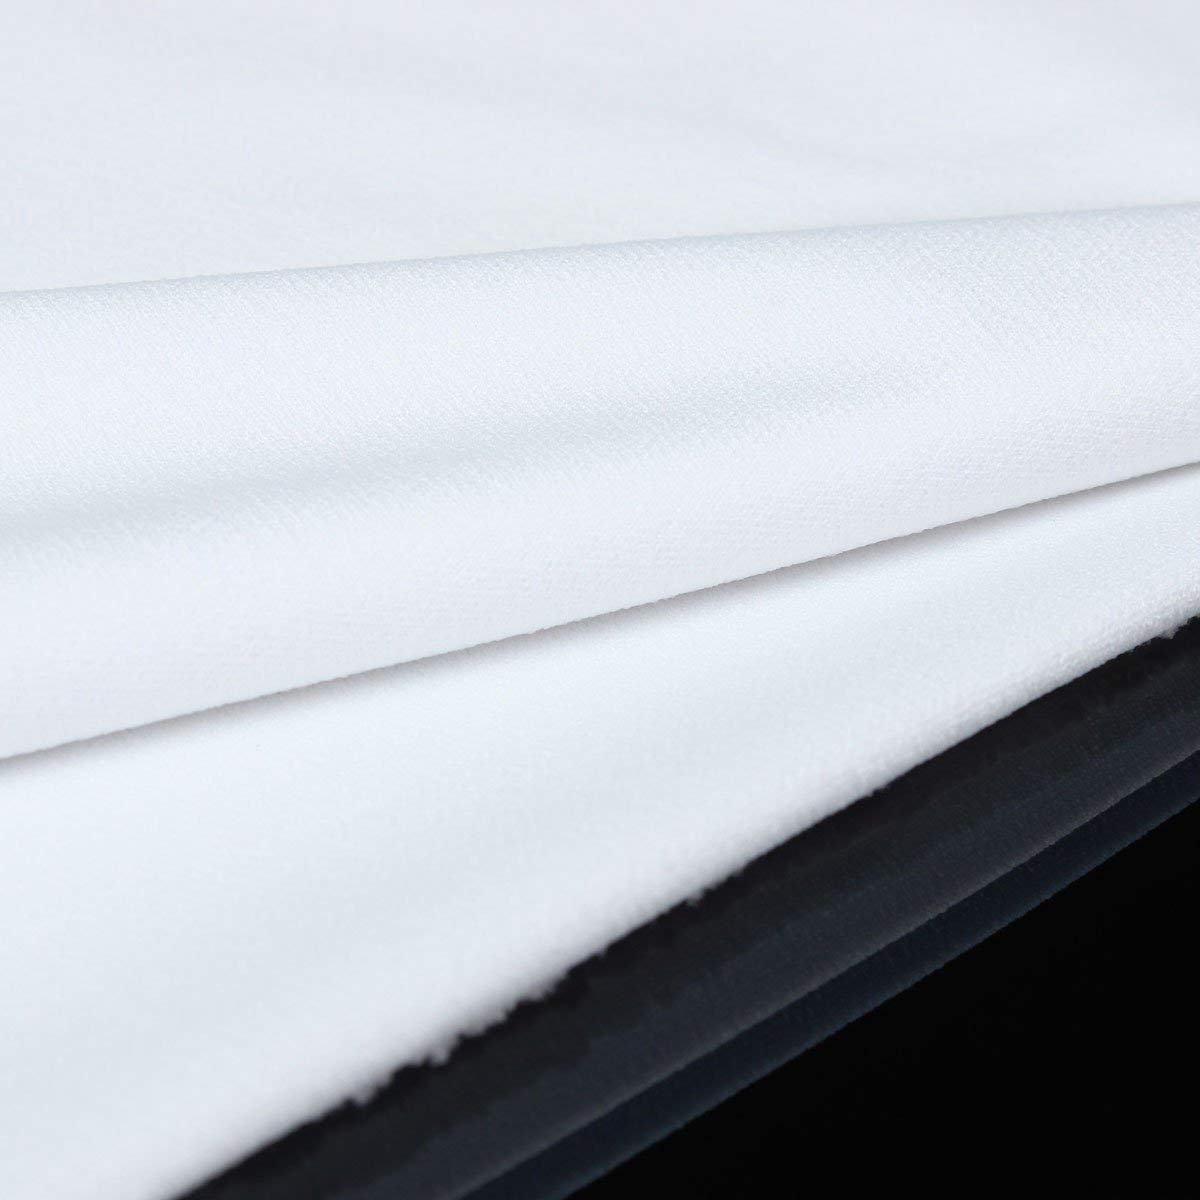 ChenXi Shop 1 pi/èce en tissu pour haut-parleur st/ér/éo Gille 2 m x 1,7 m Blanc noir